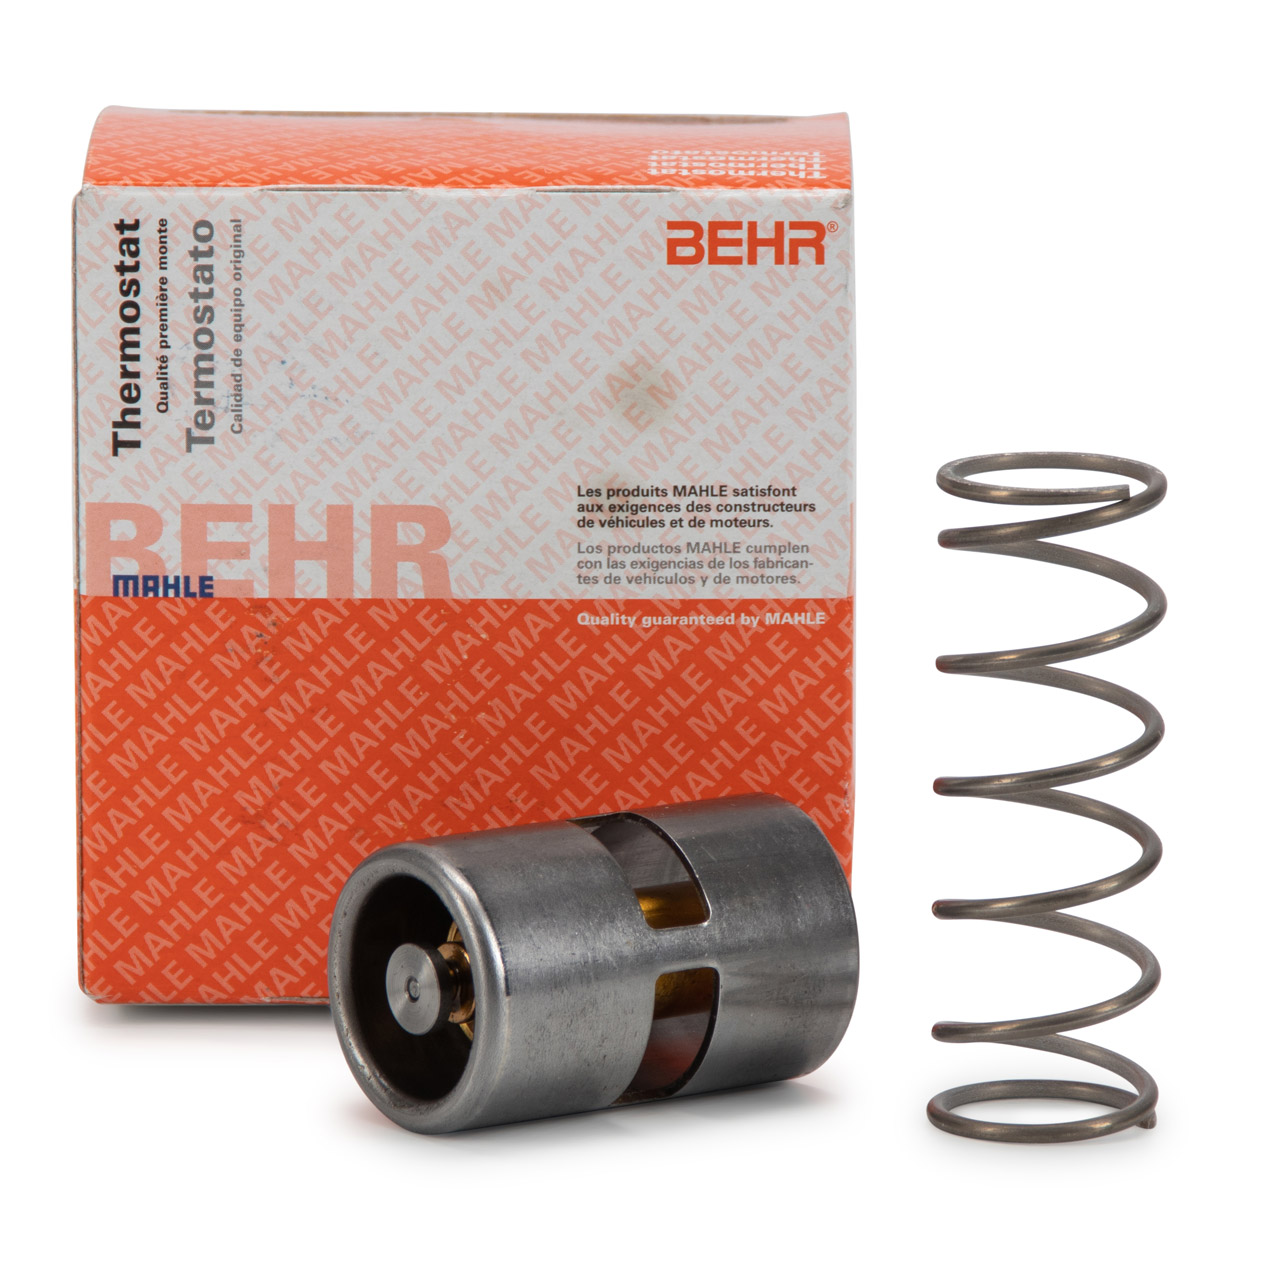 BEHR MAHLE TO283 Thermostat Ölthermostat für PORSCHE 911 3.3 Turbo 3.3 SC Turbo